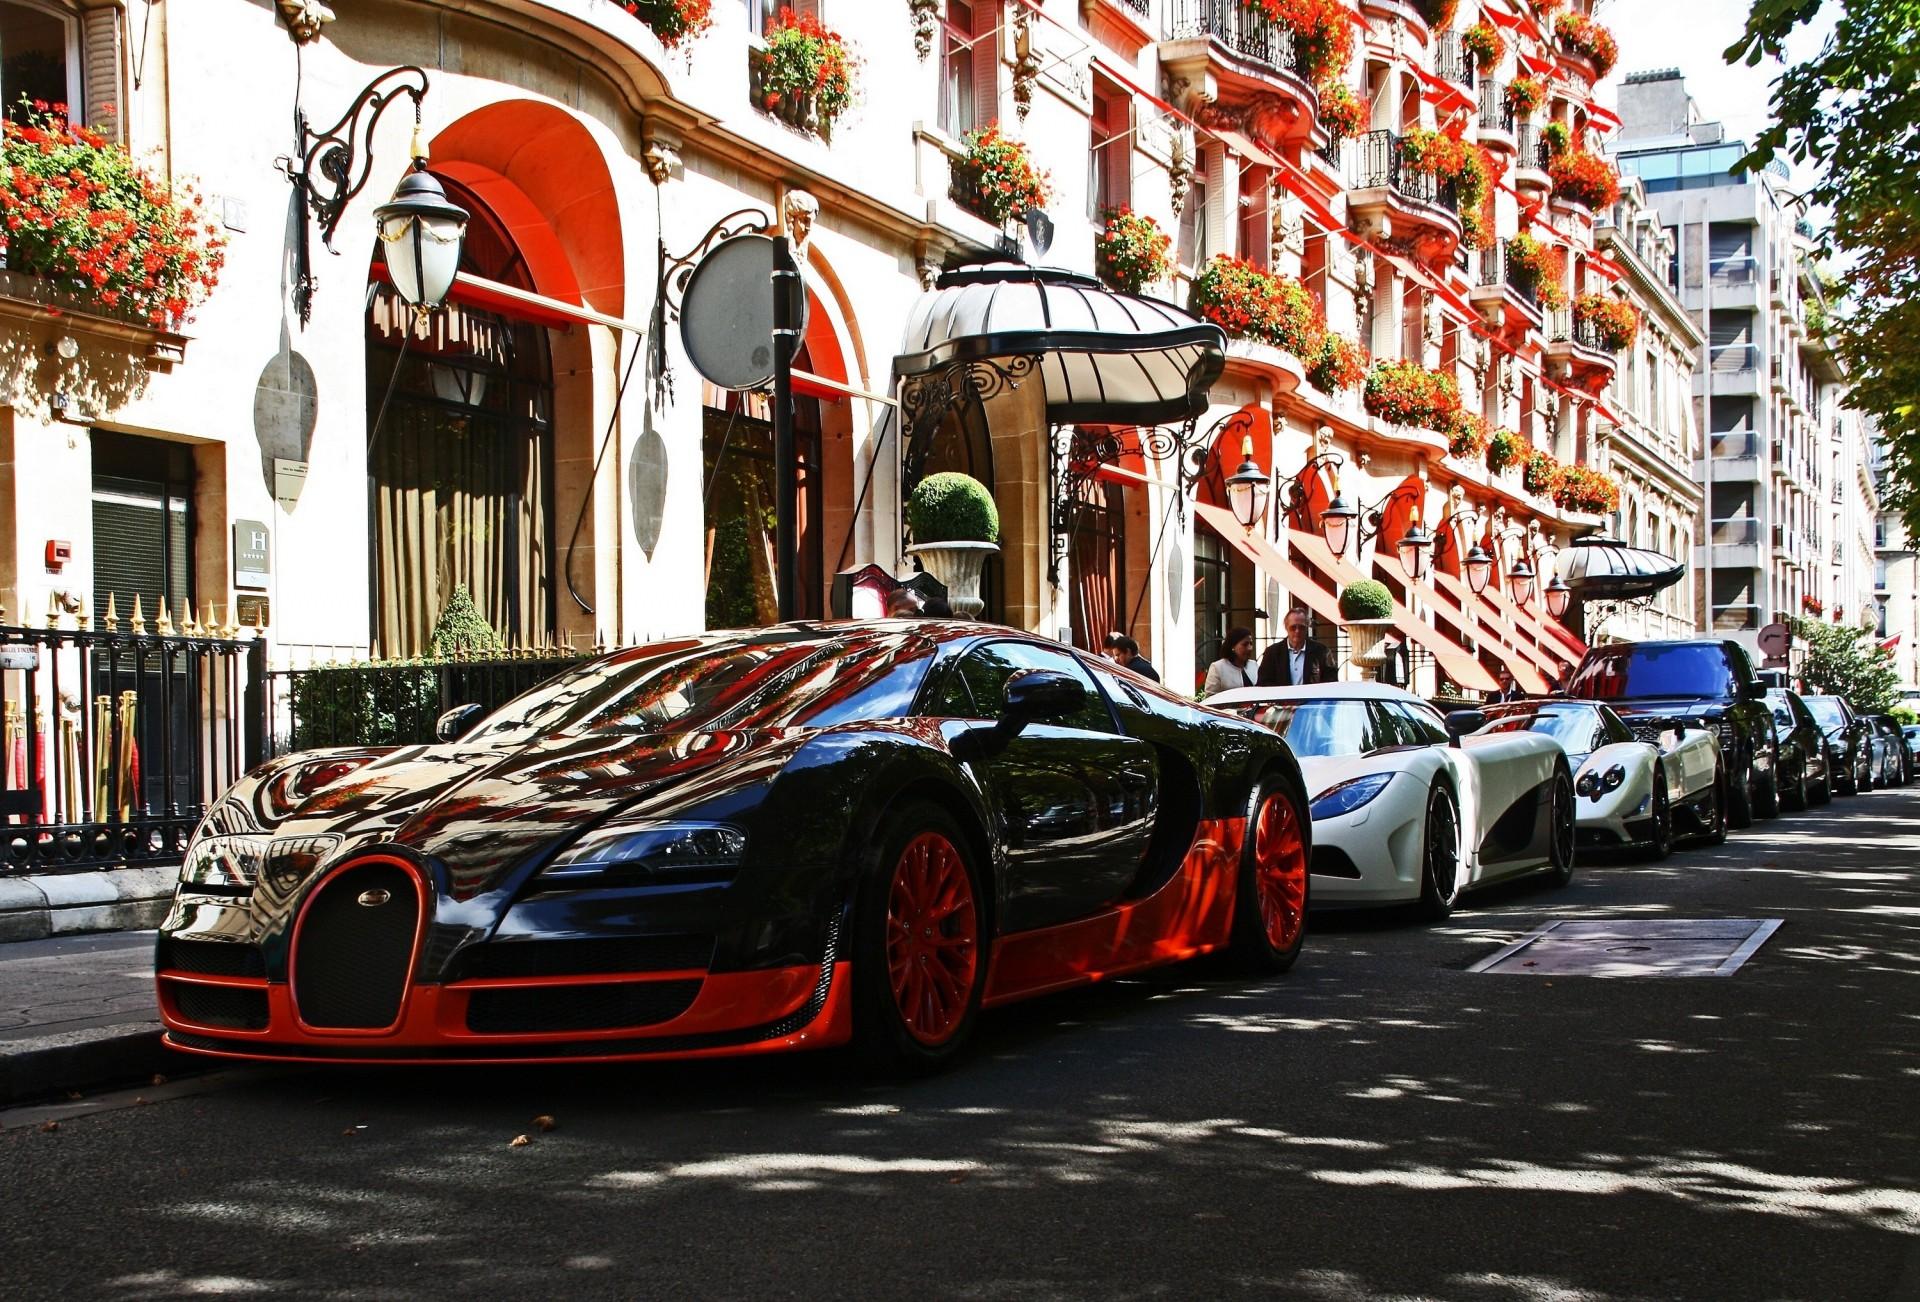 машины на улице города